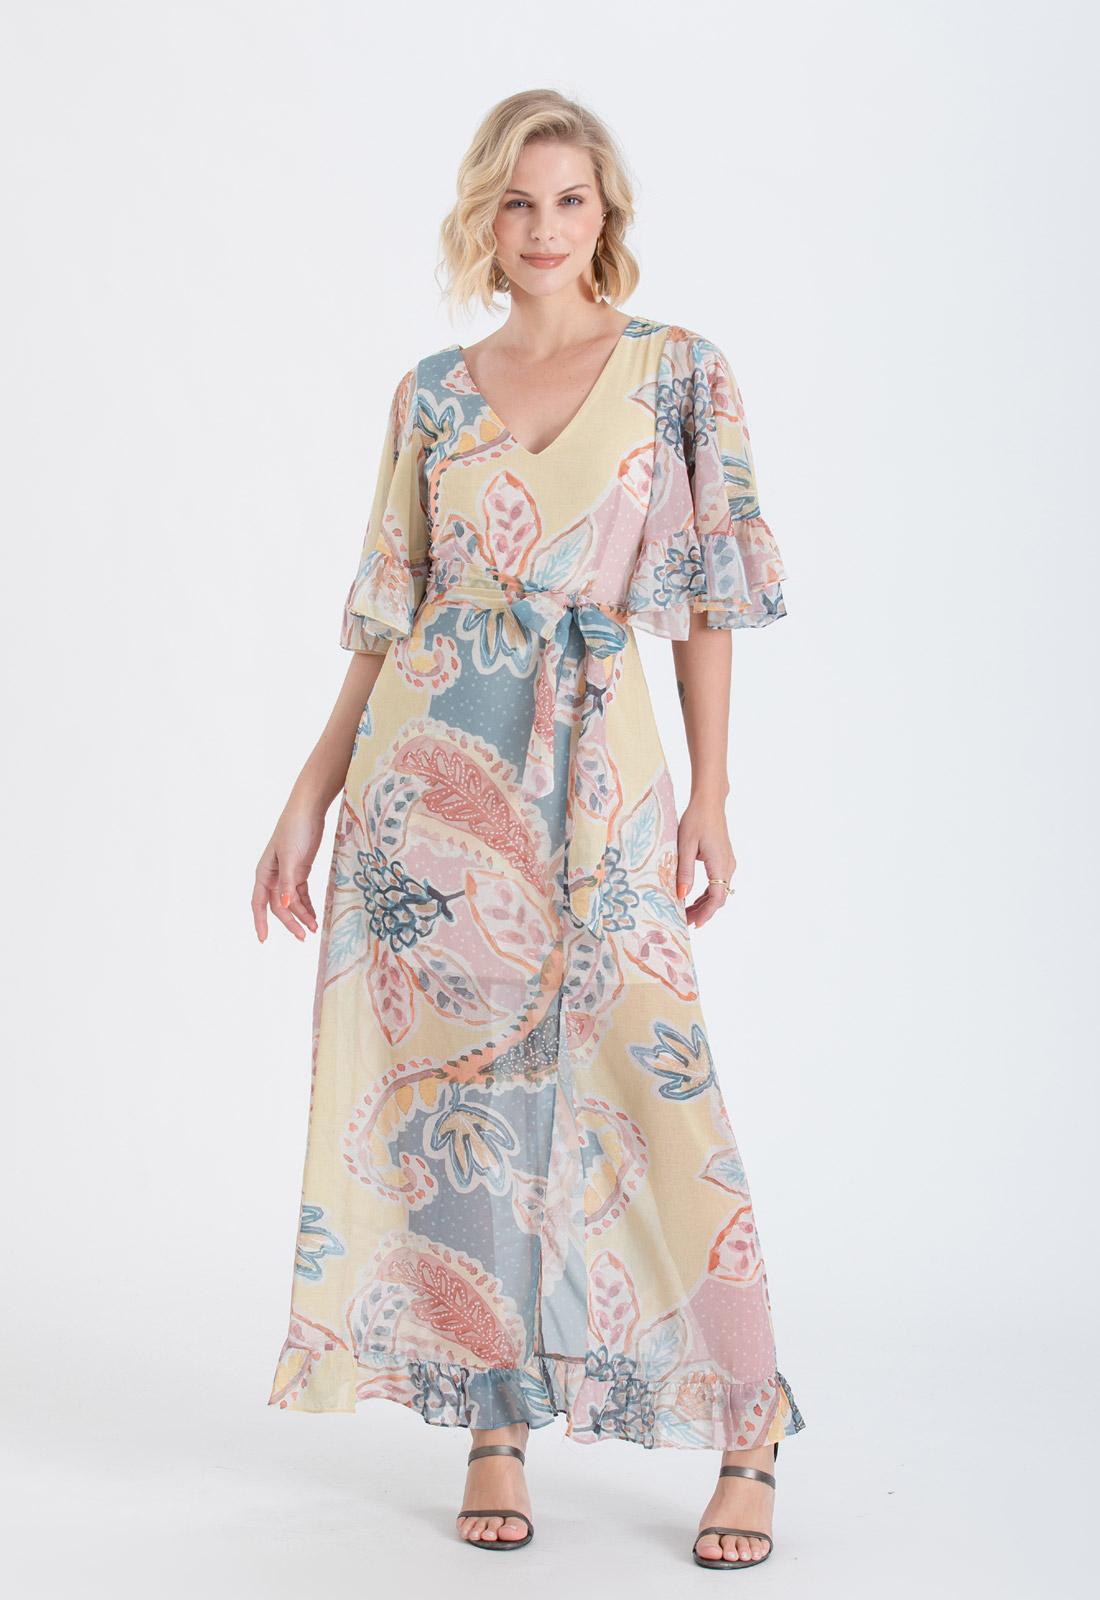 Vestido de festa estampado Rosa Ref. 2606